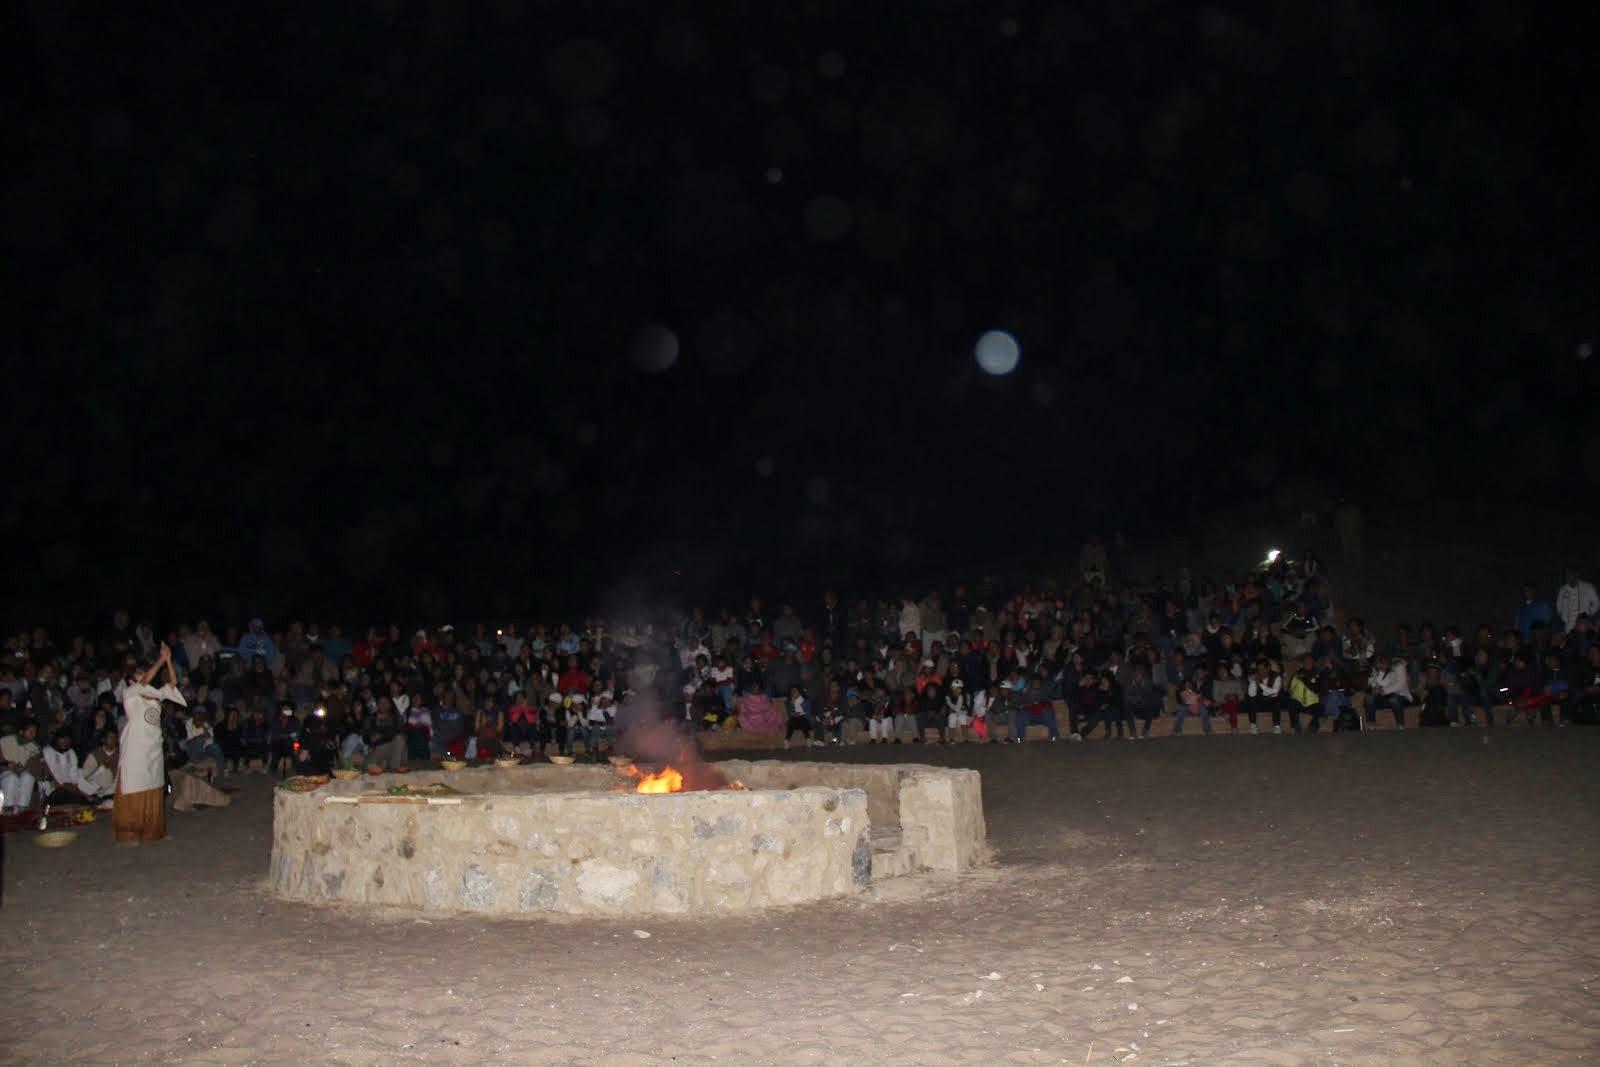 24-25-26-27-10-2014-20 Aniversario de Caral,RITUAL PACHAMAMA Avistamientos esferas ETs OVNI,sec UFO